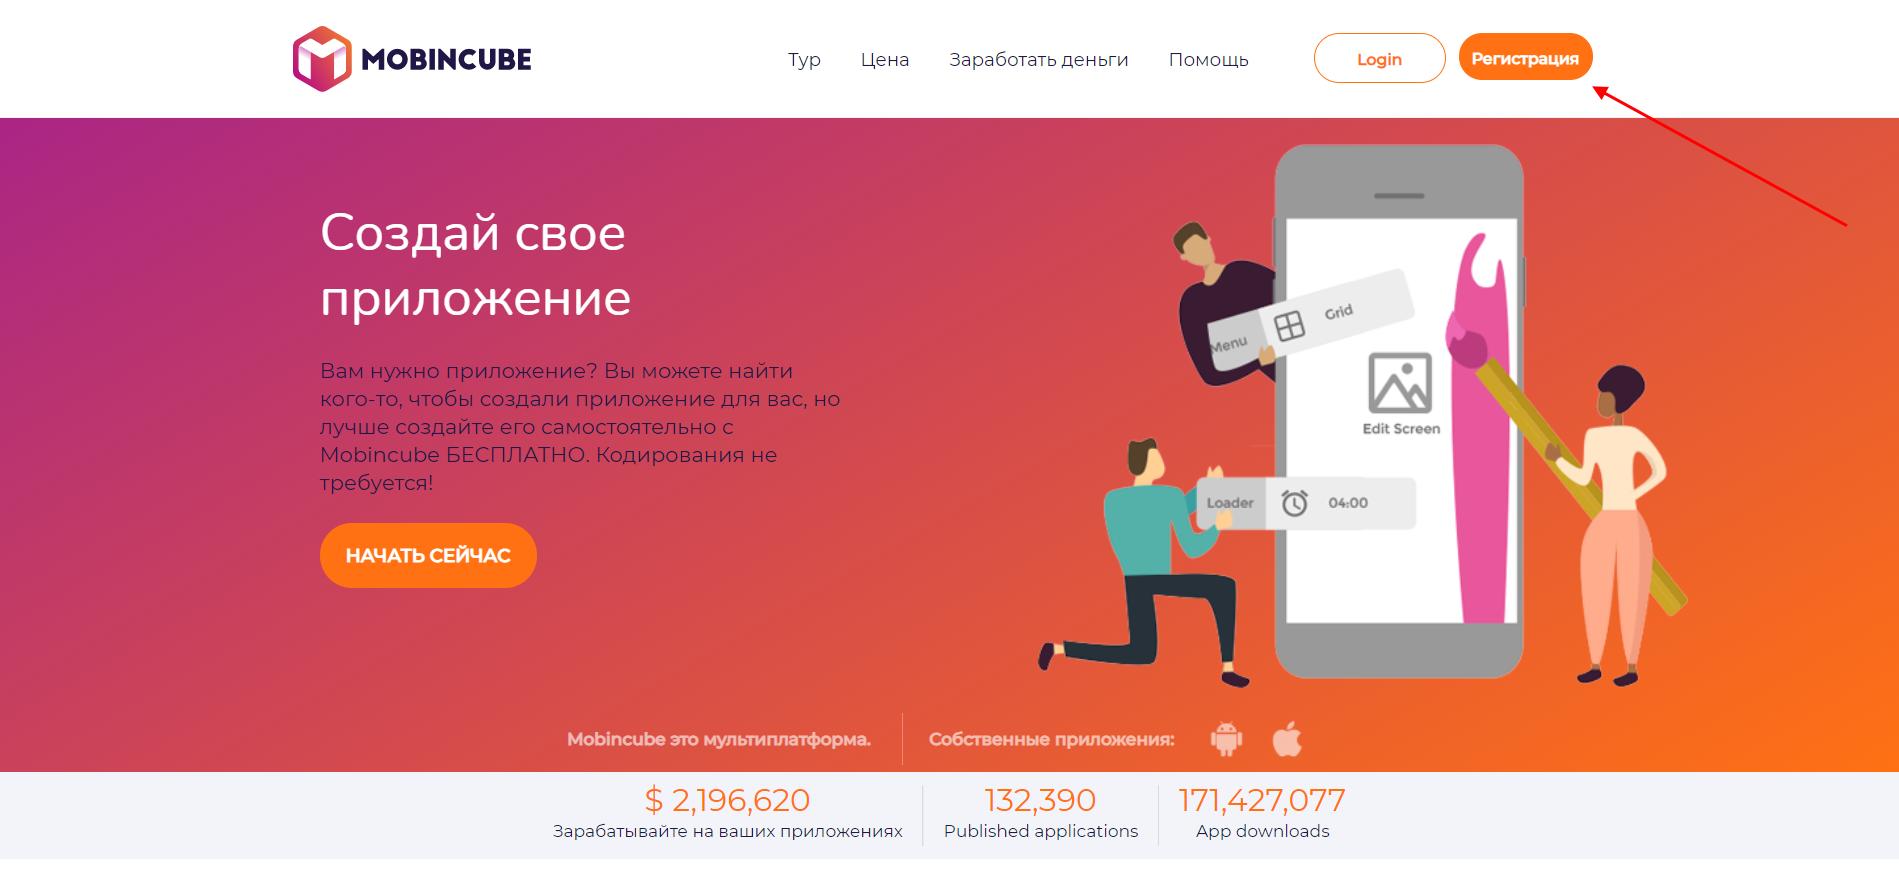 Mobicube регистрация